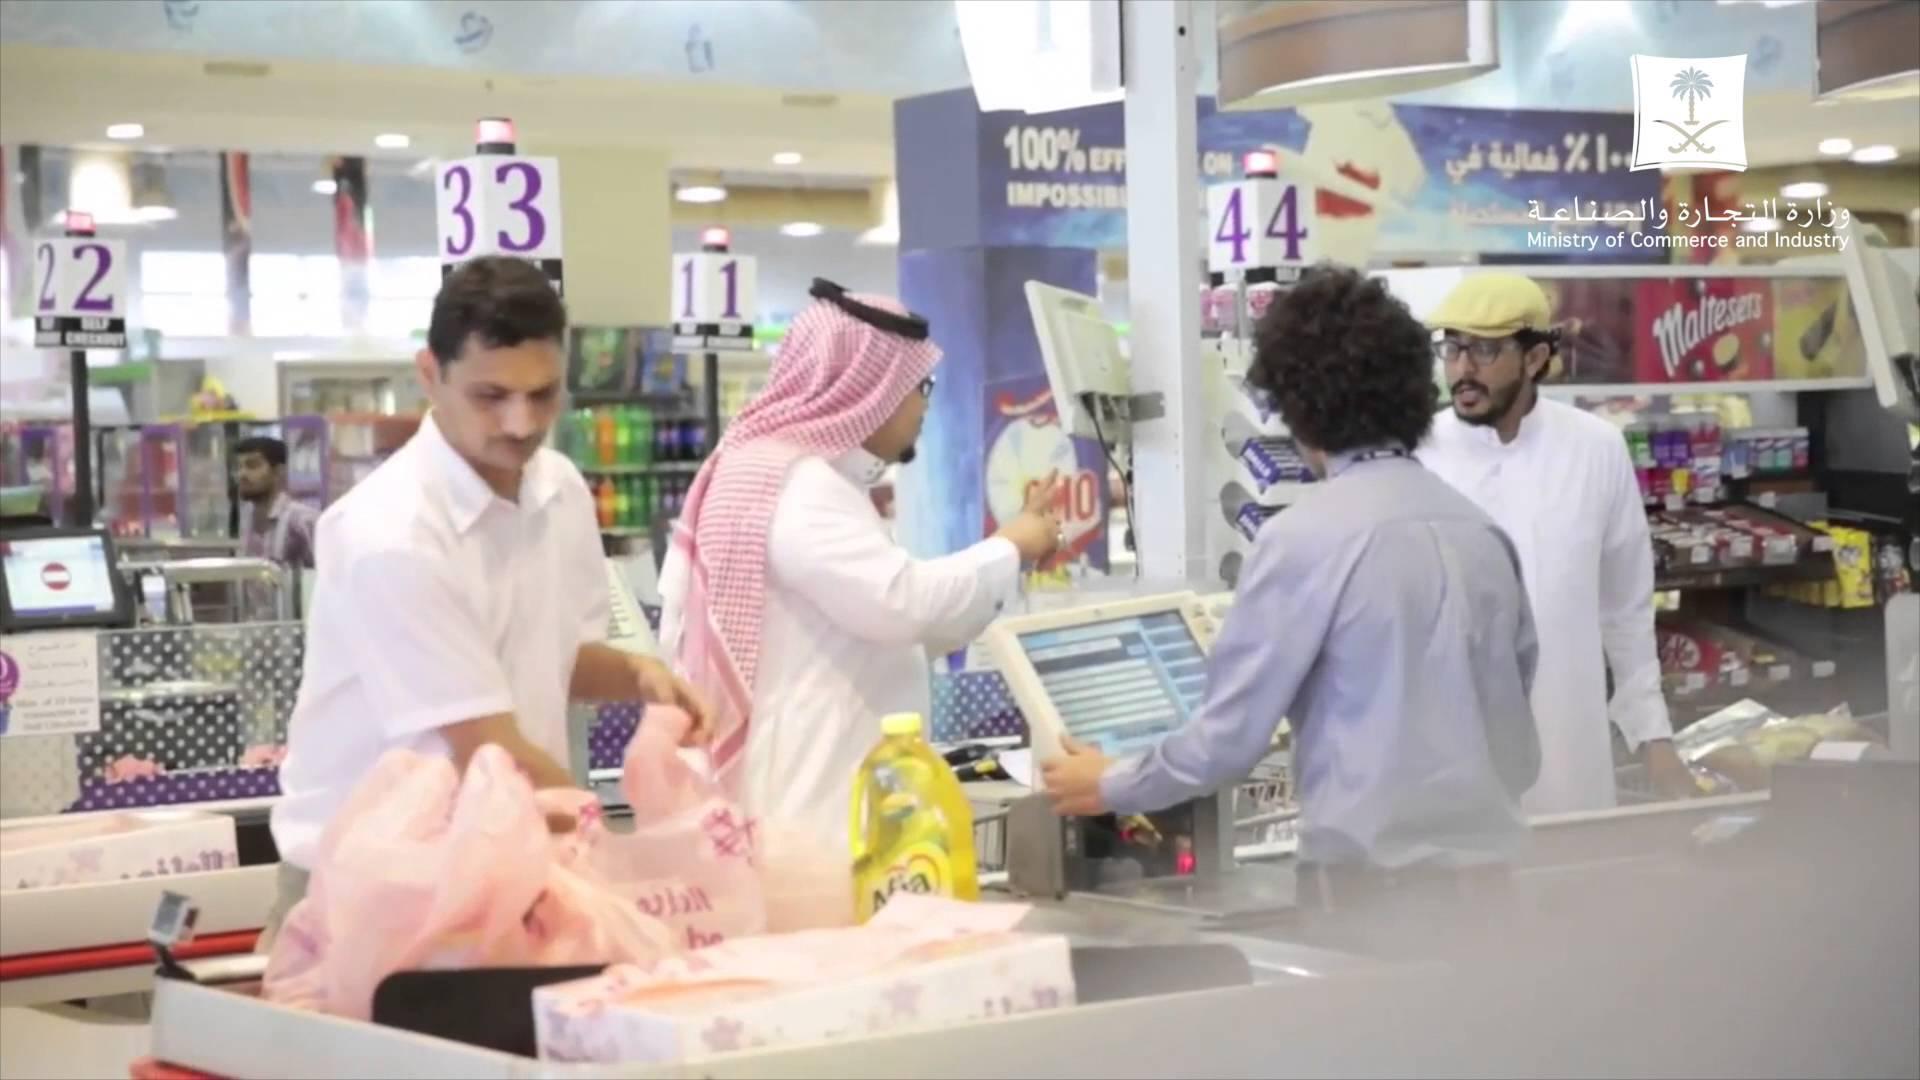 فيديو: مقلب من وزارة التجارة في زبائن سوبر ماركت لقياس وعي المستهلك السعودي